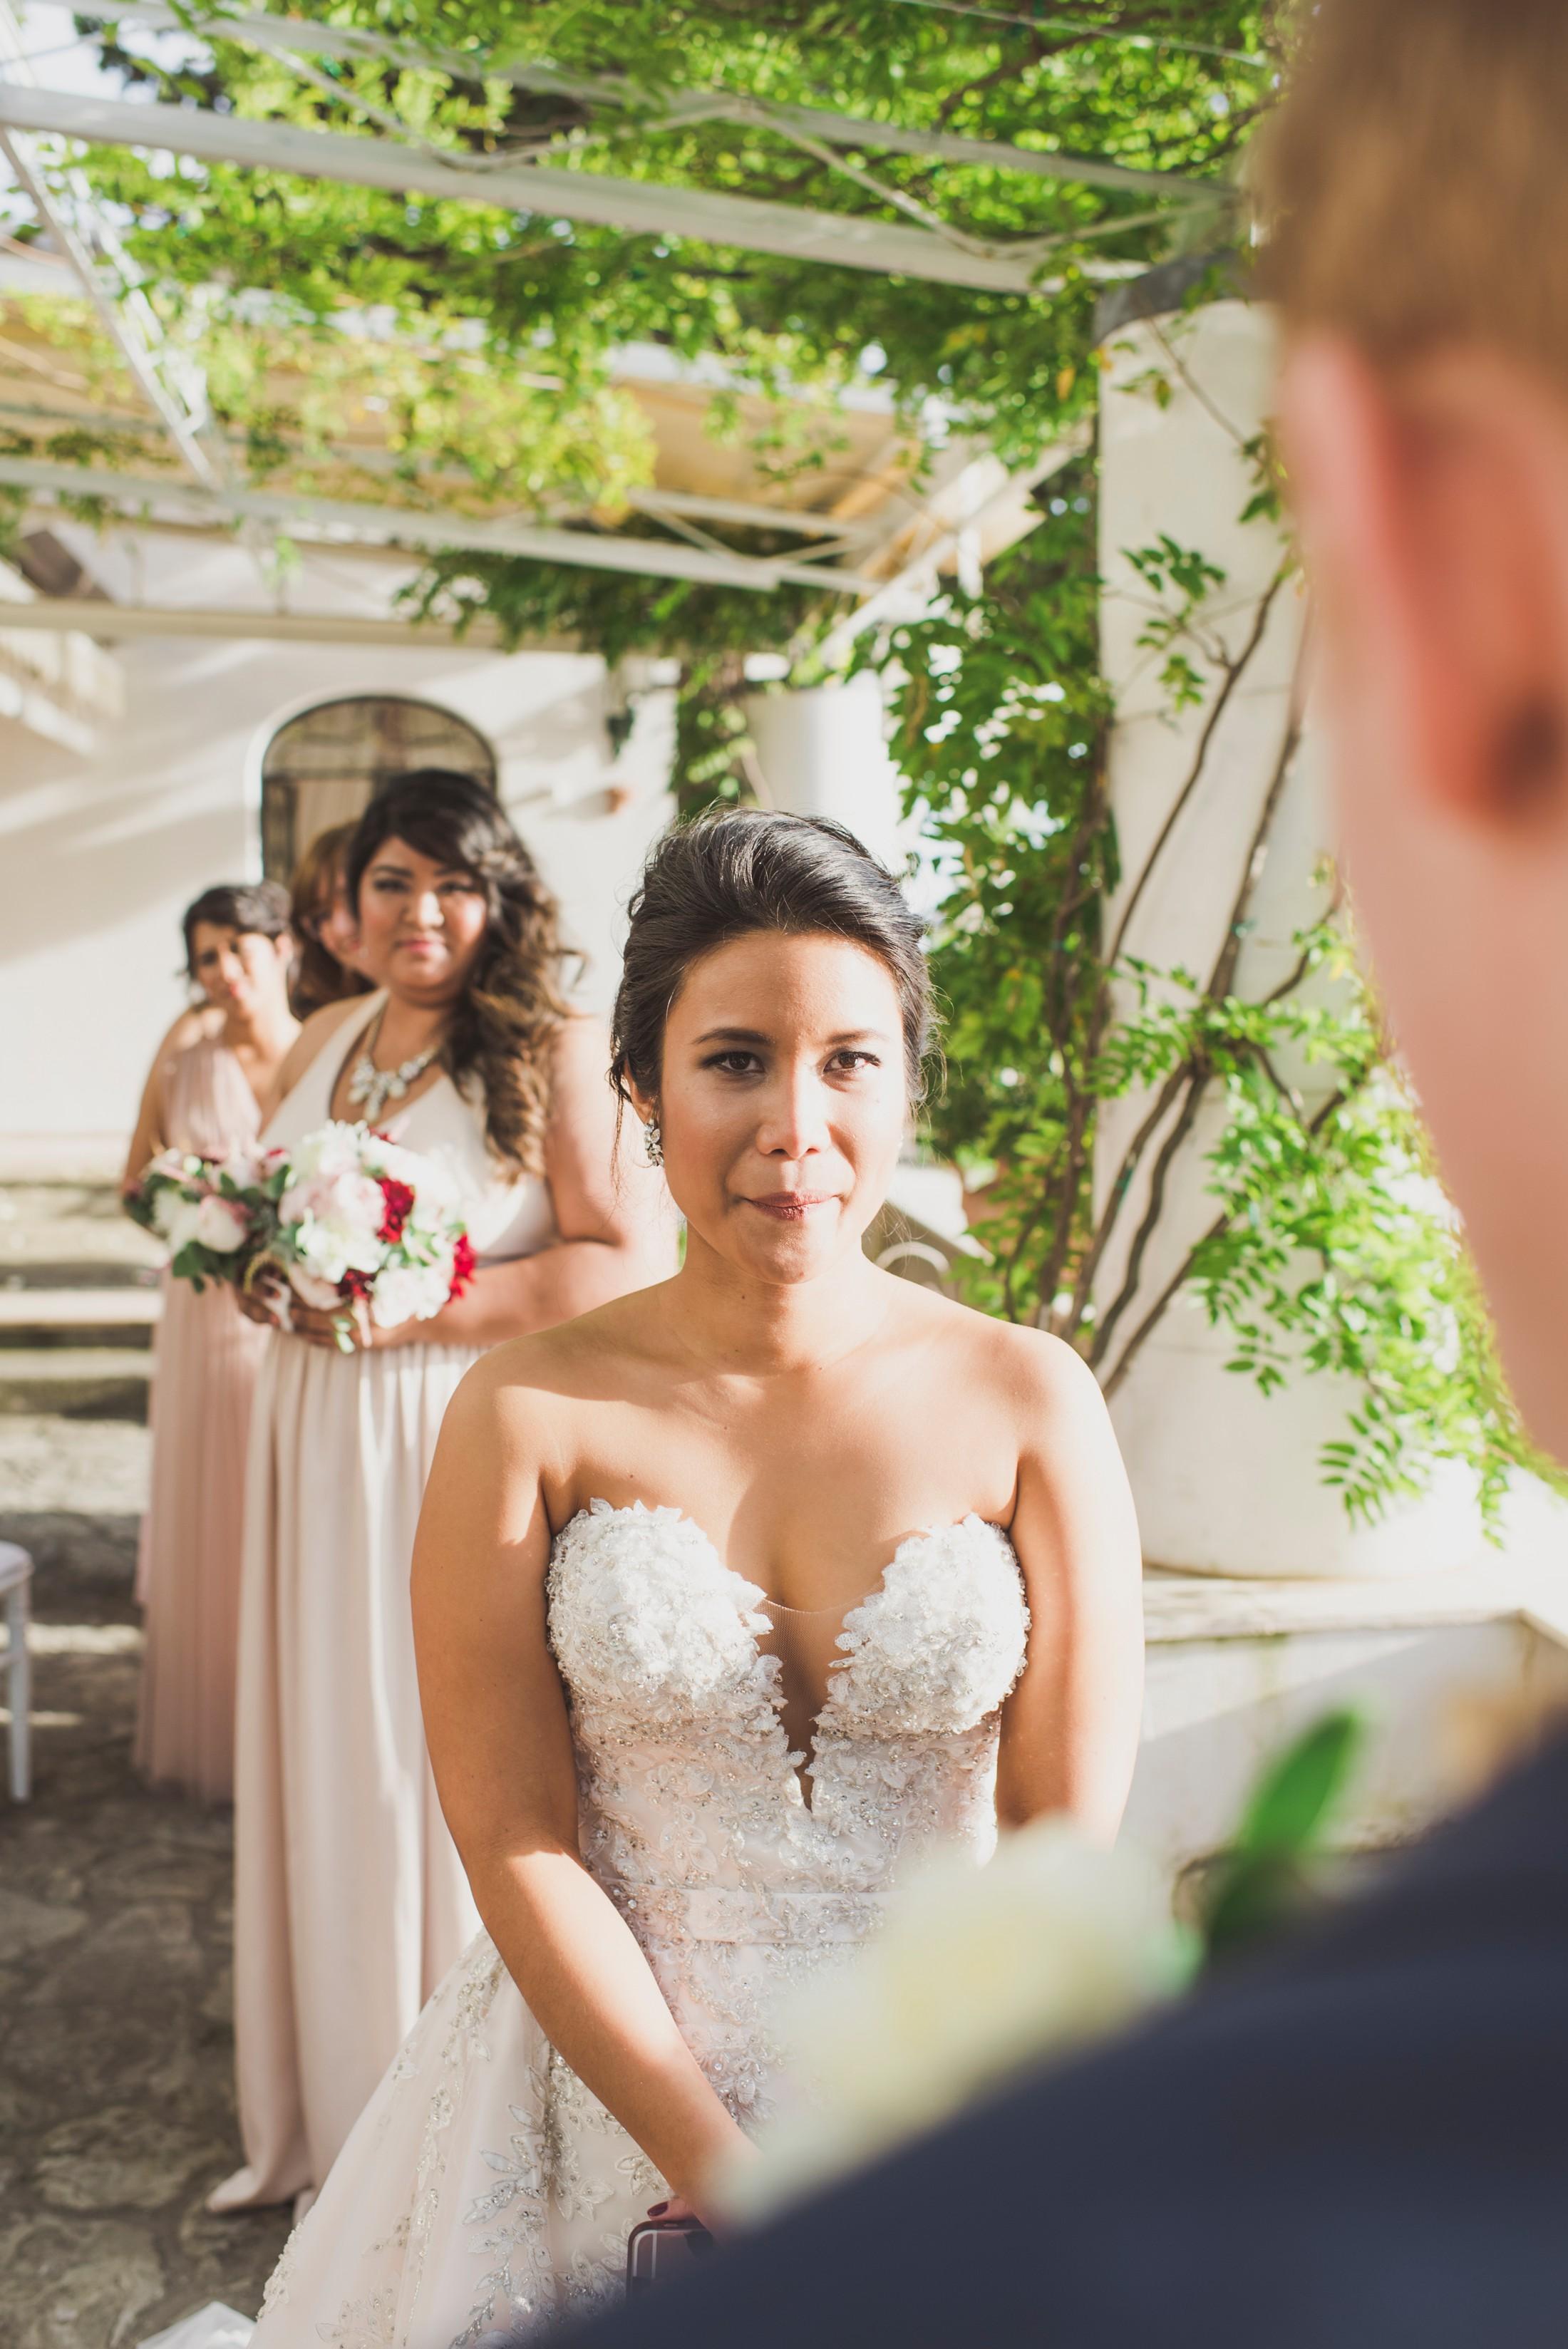 positano wedding bride during the wedding ceremony